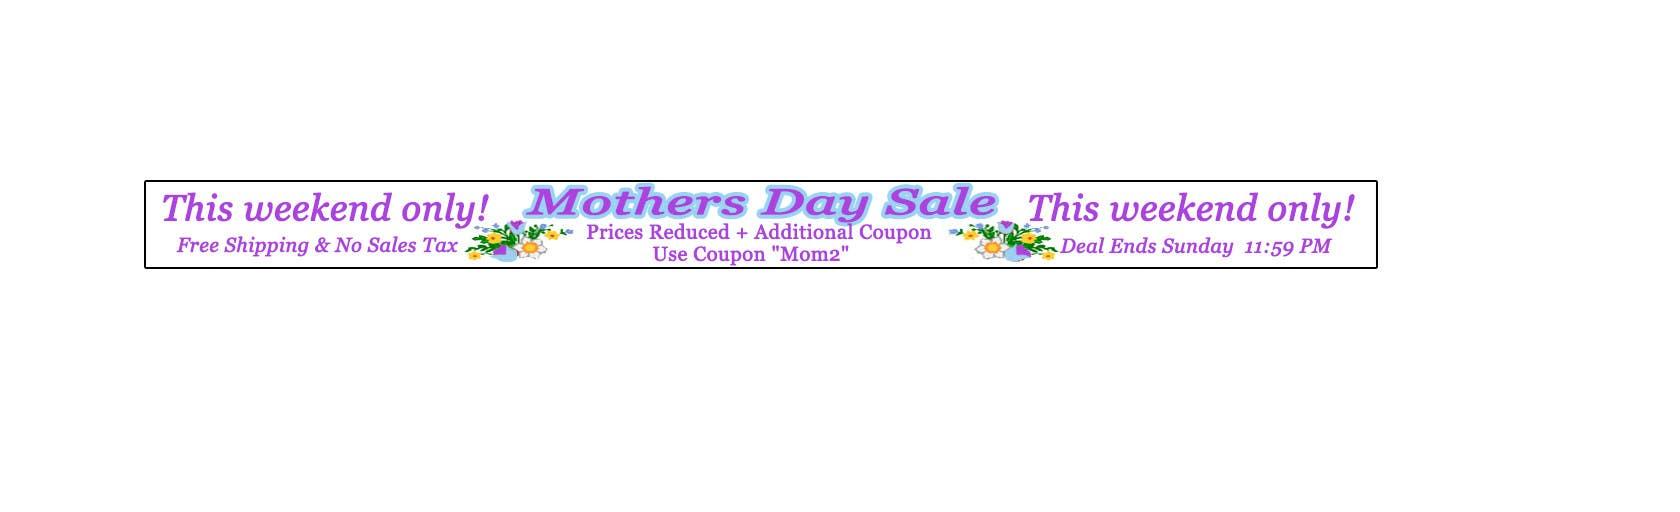 Kilpailutyö #19 kilpailussa Mothers Day sale